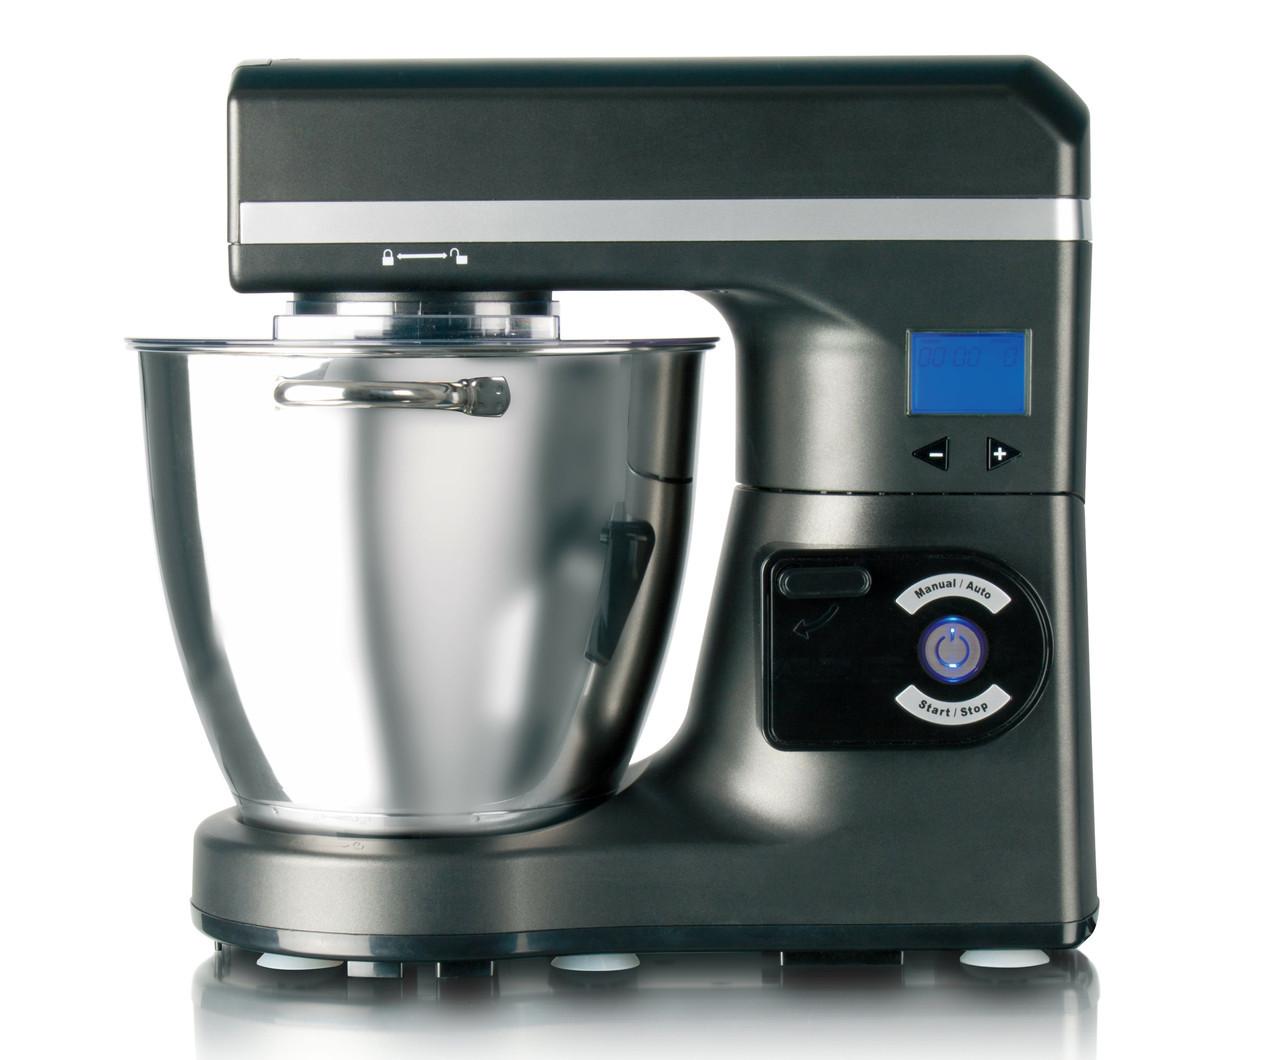 Akita jp Itpasta Mixer AK-jp1500 бытовая тестомесильная машина домашняя тестомешалка для дома тестомеситель